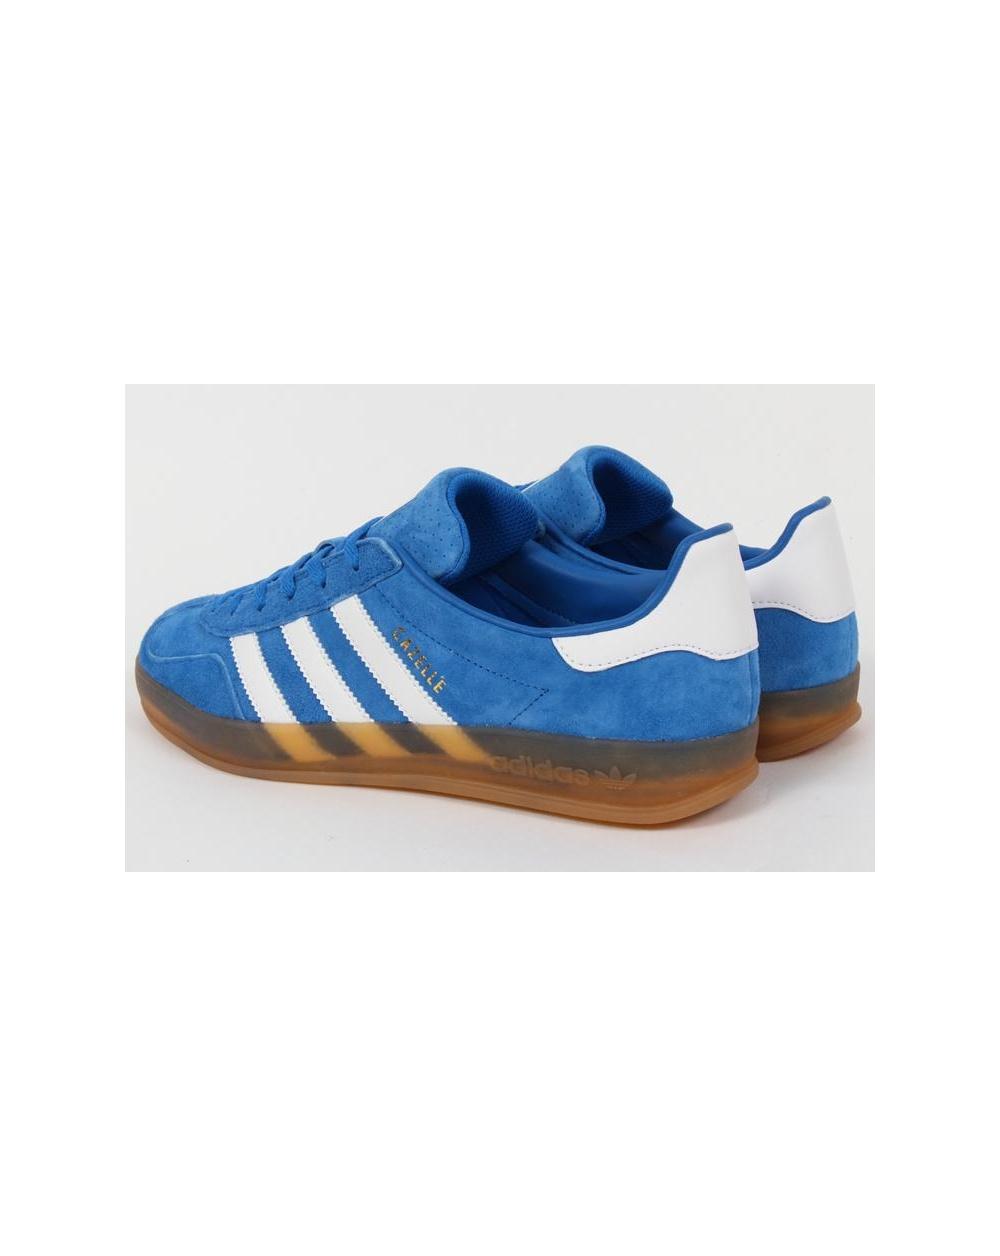 Adidas Gazelle Indoor Trainers Bluebird Bluewhite